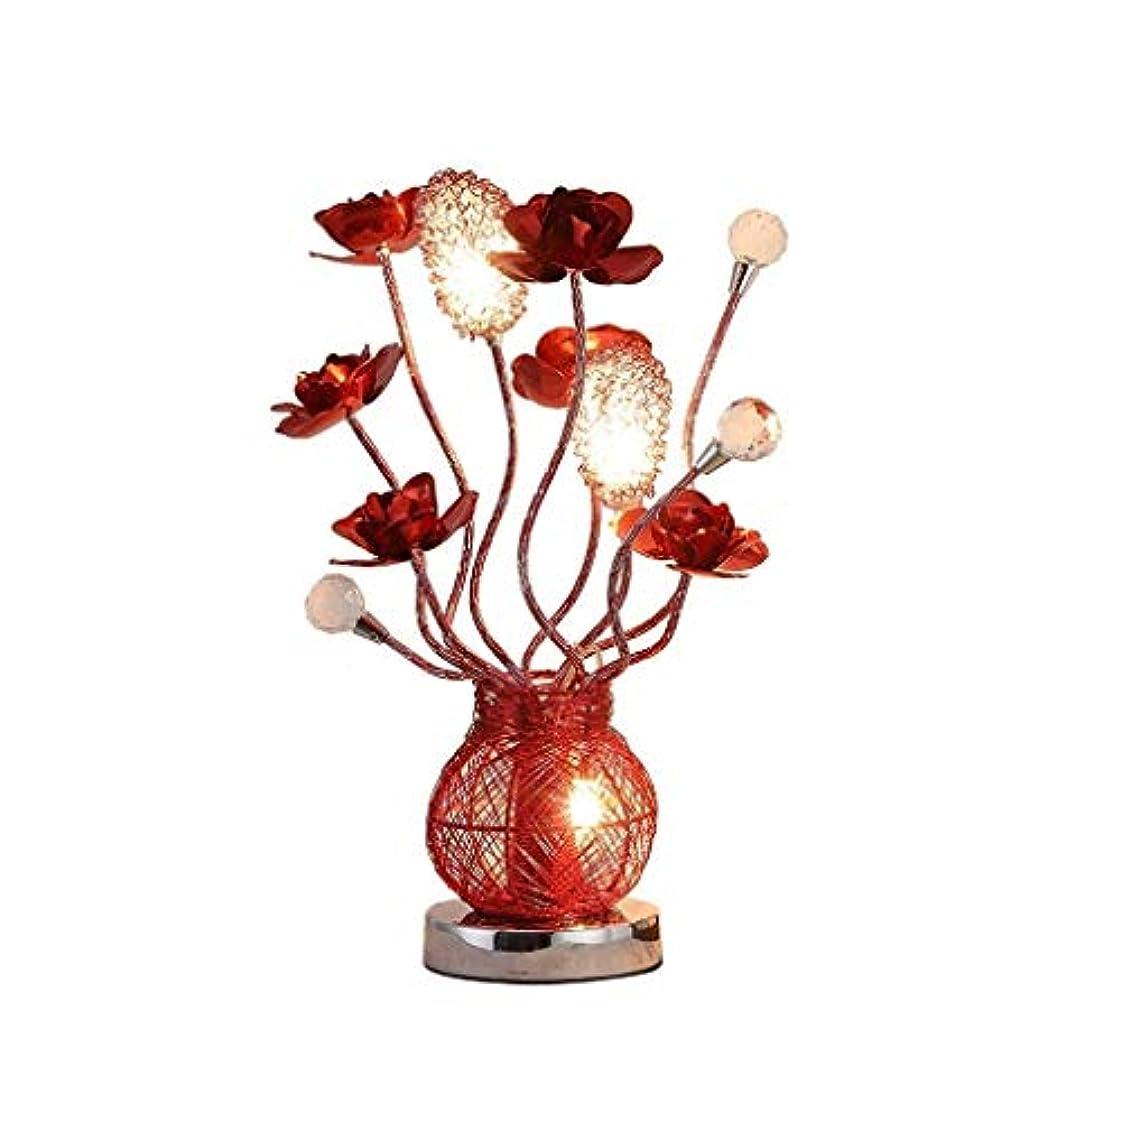 真向こう意味構想する高品質テーブルランプ 創造的な寝室のベッドサイドクリスタルテーブルランプヨーロッパの赤いバラのギフトLEDナイトライト エネルギーを節約